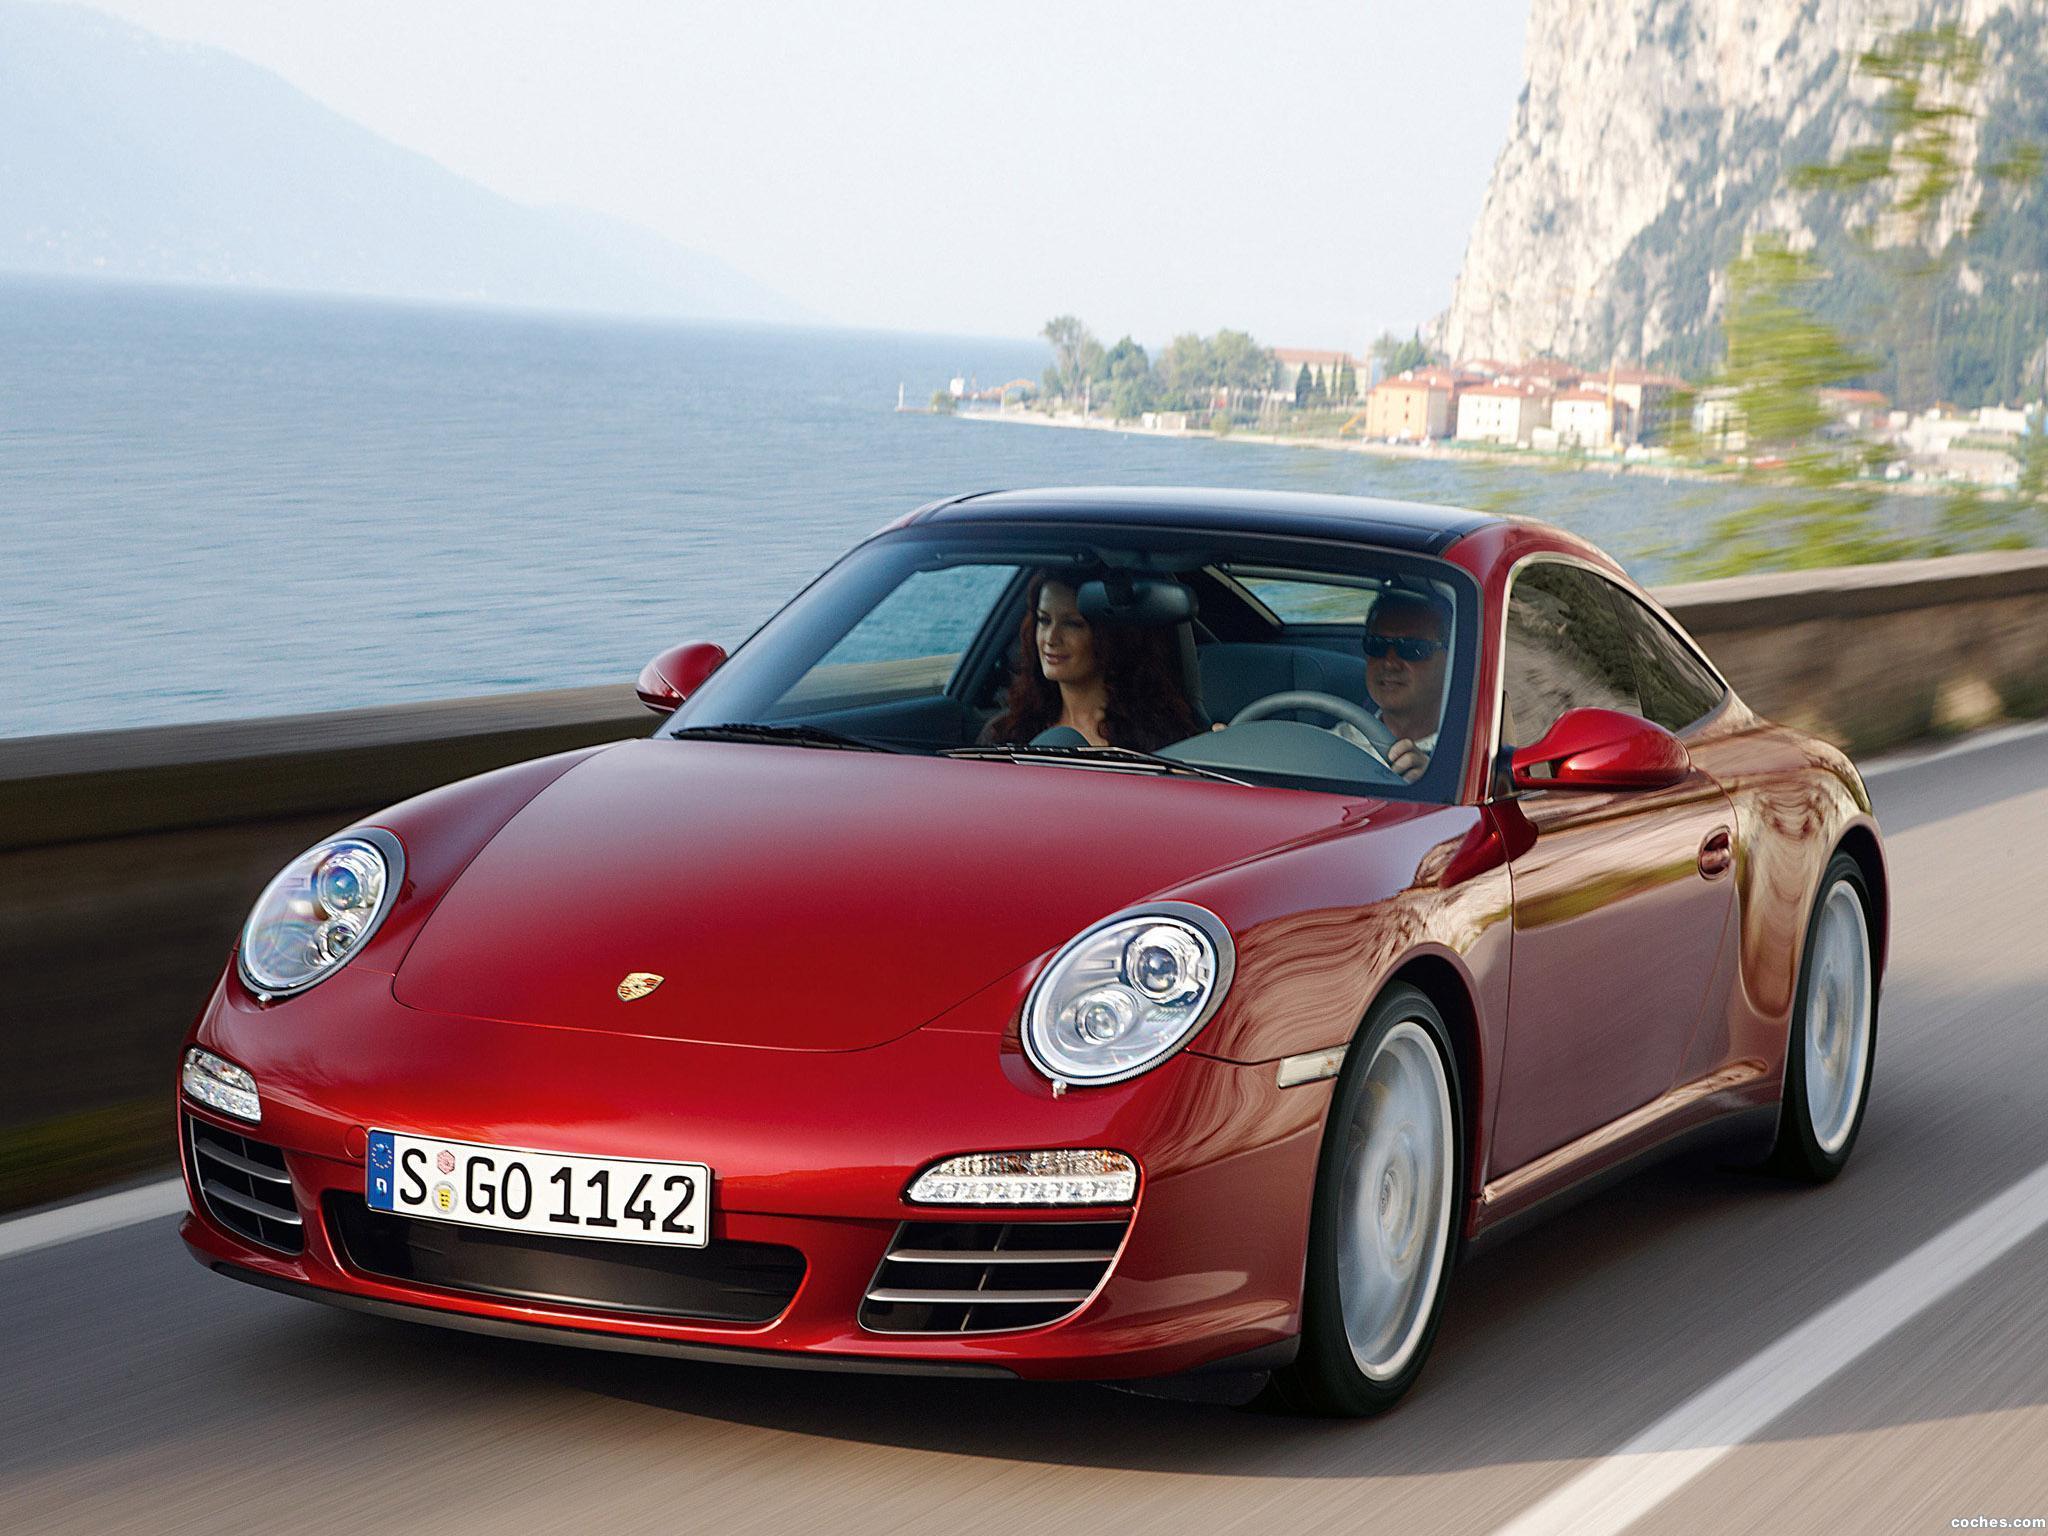 porsche 911 targa 4s r7 Porsche 911 Targa 4S 997